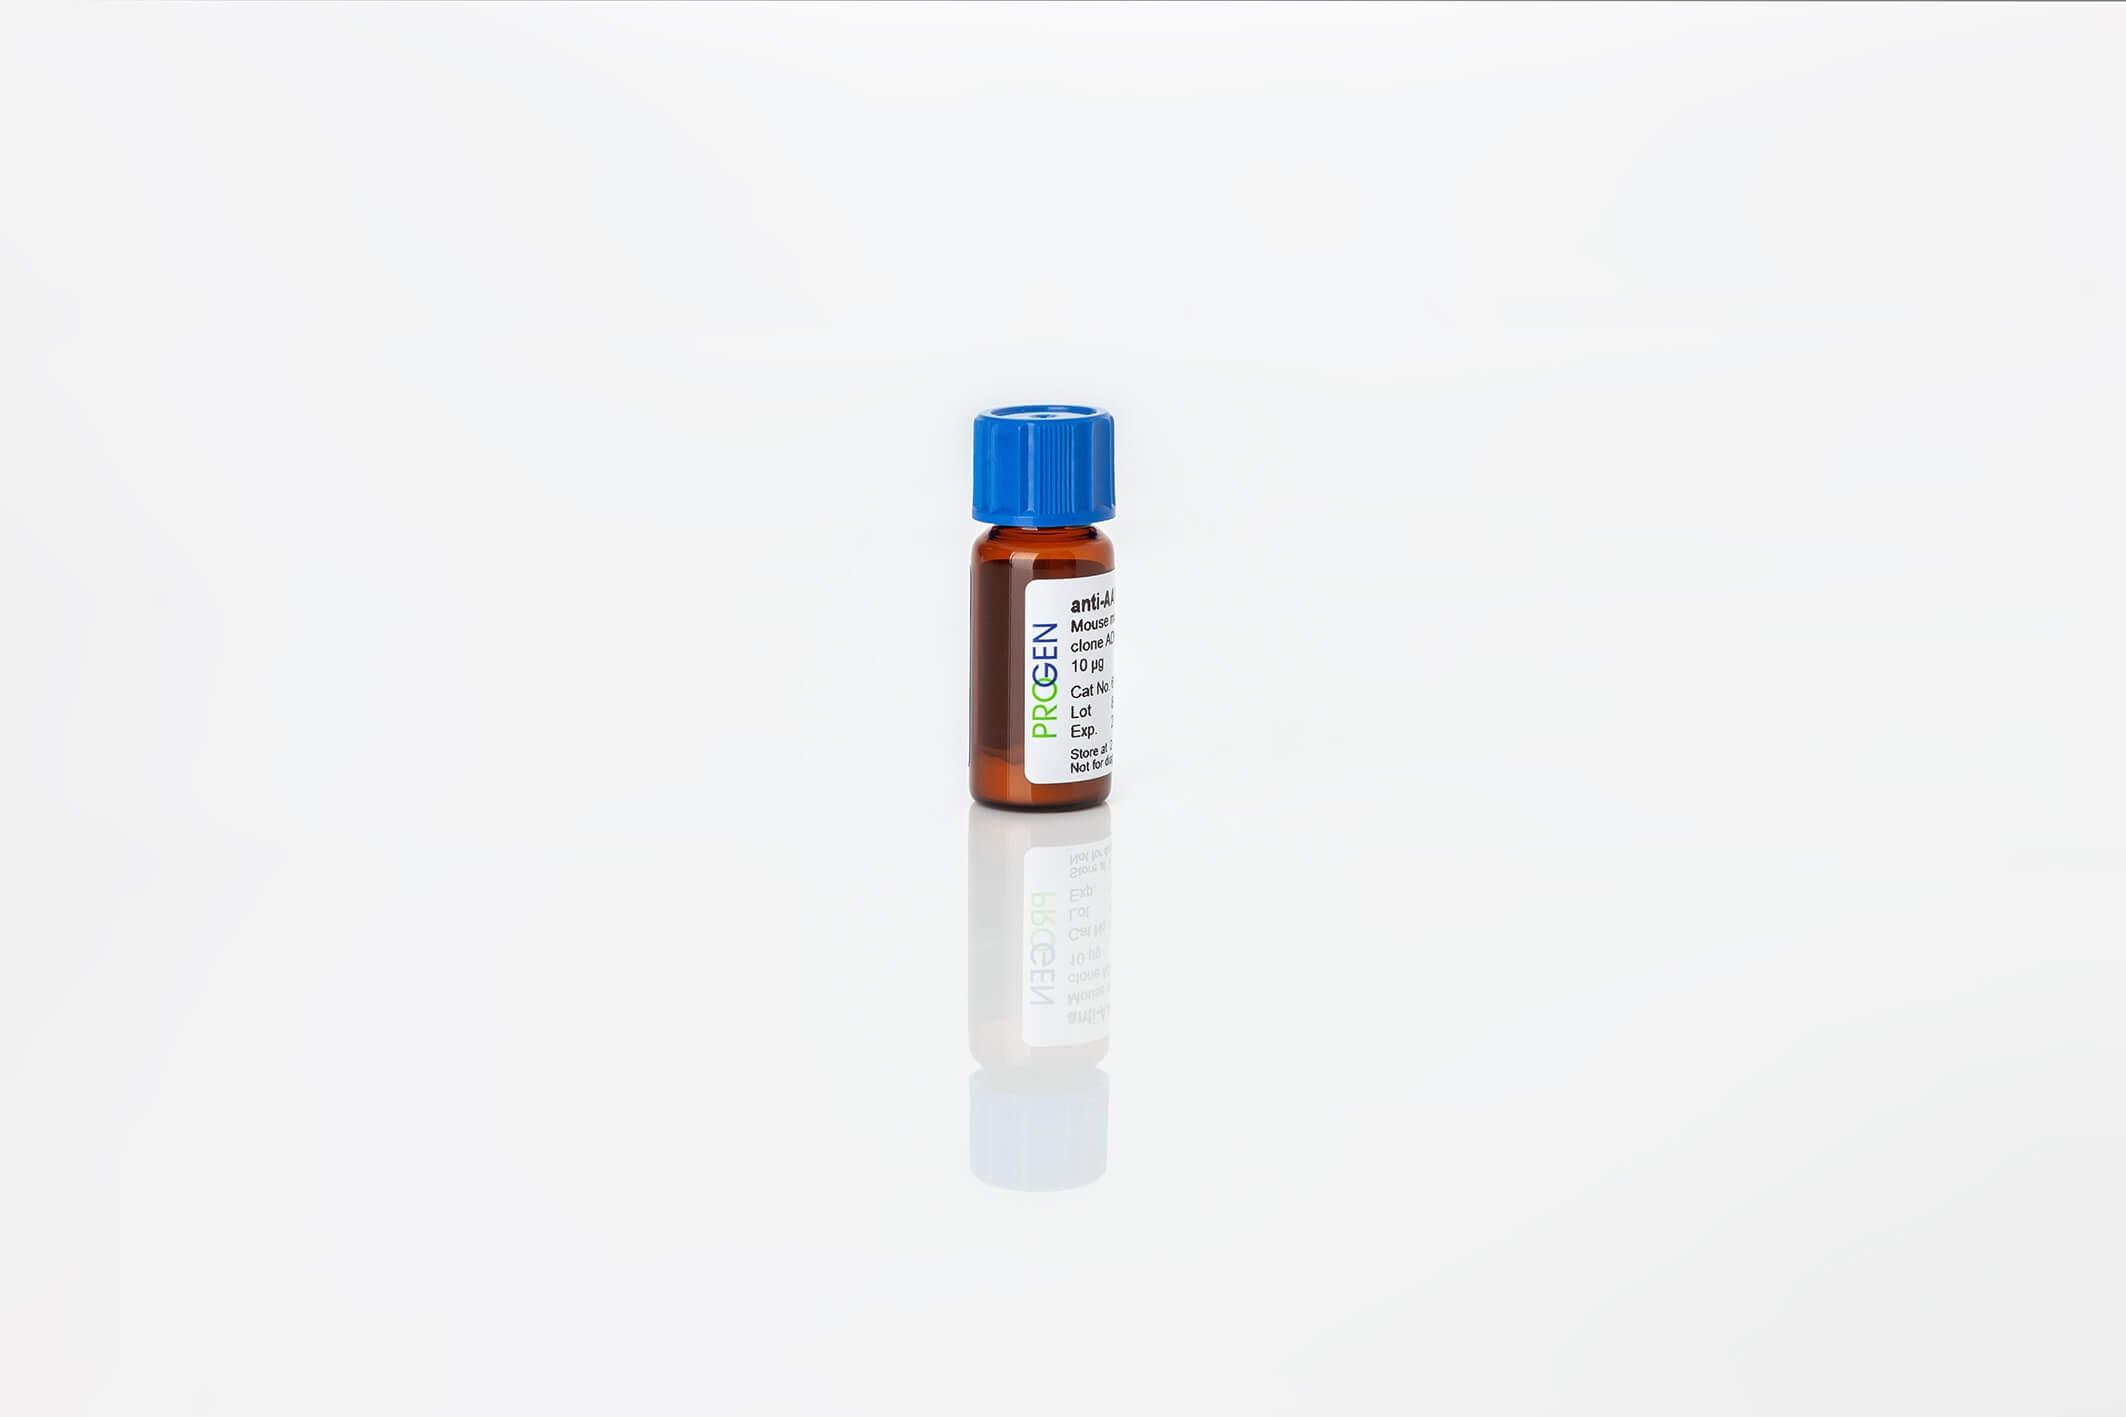 anti-Calicin (N-terminus) guinea pig polyclonal, serum